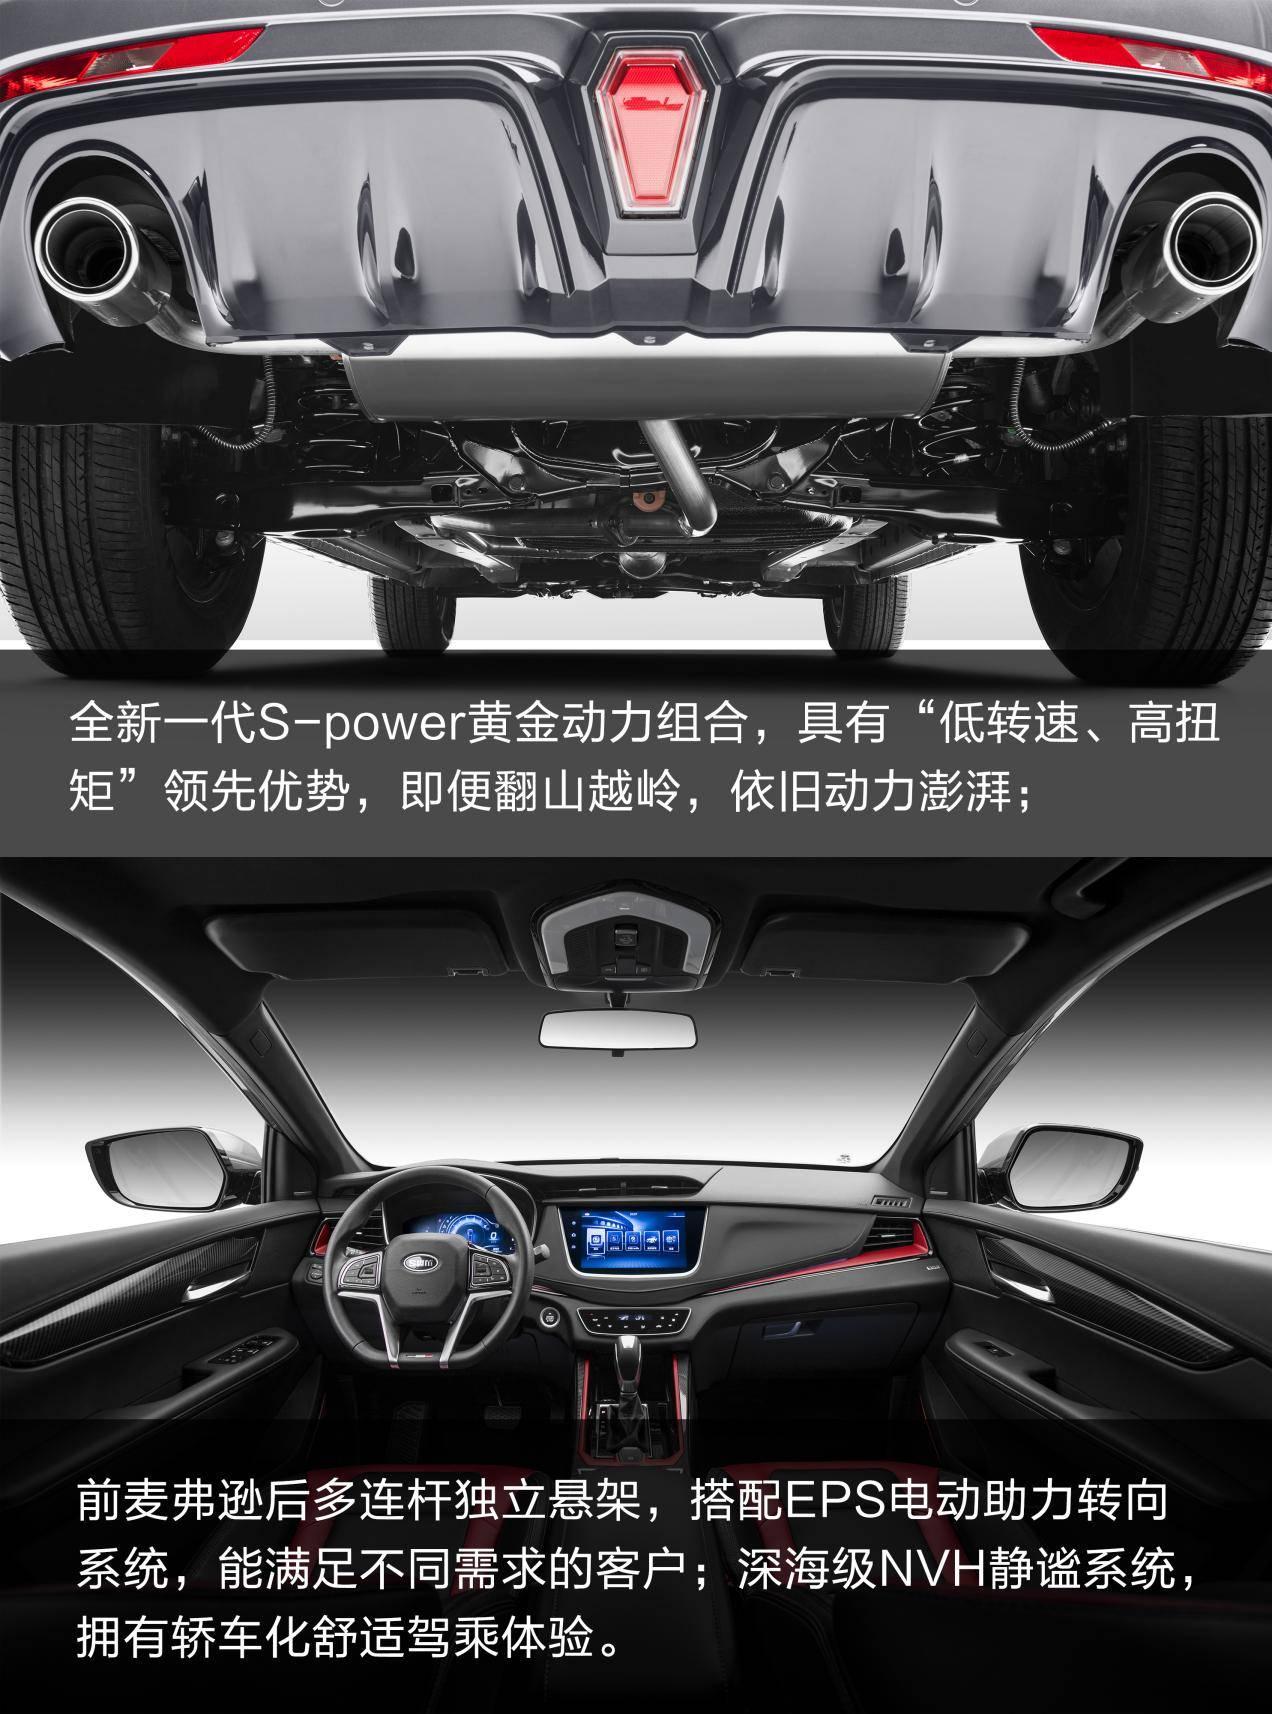 潮酷SUV斯威钢铁侠上市 售价9.59万元起